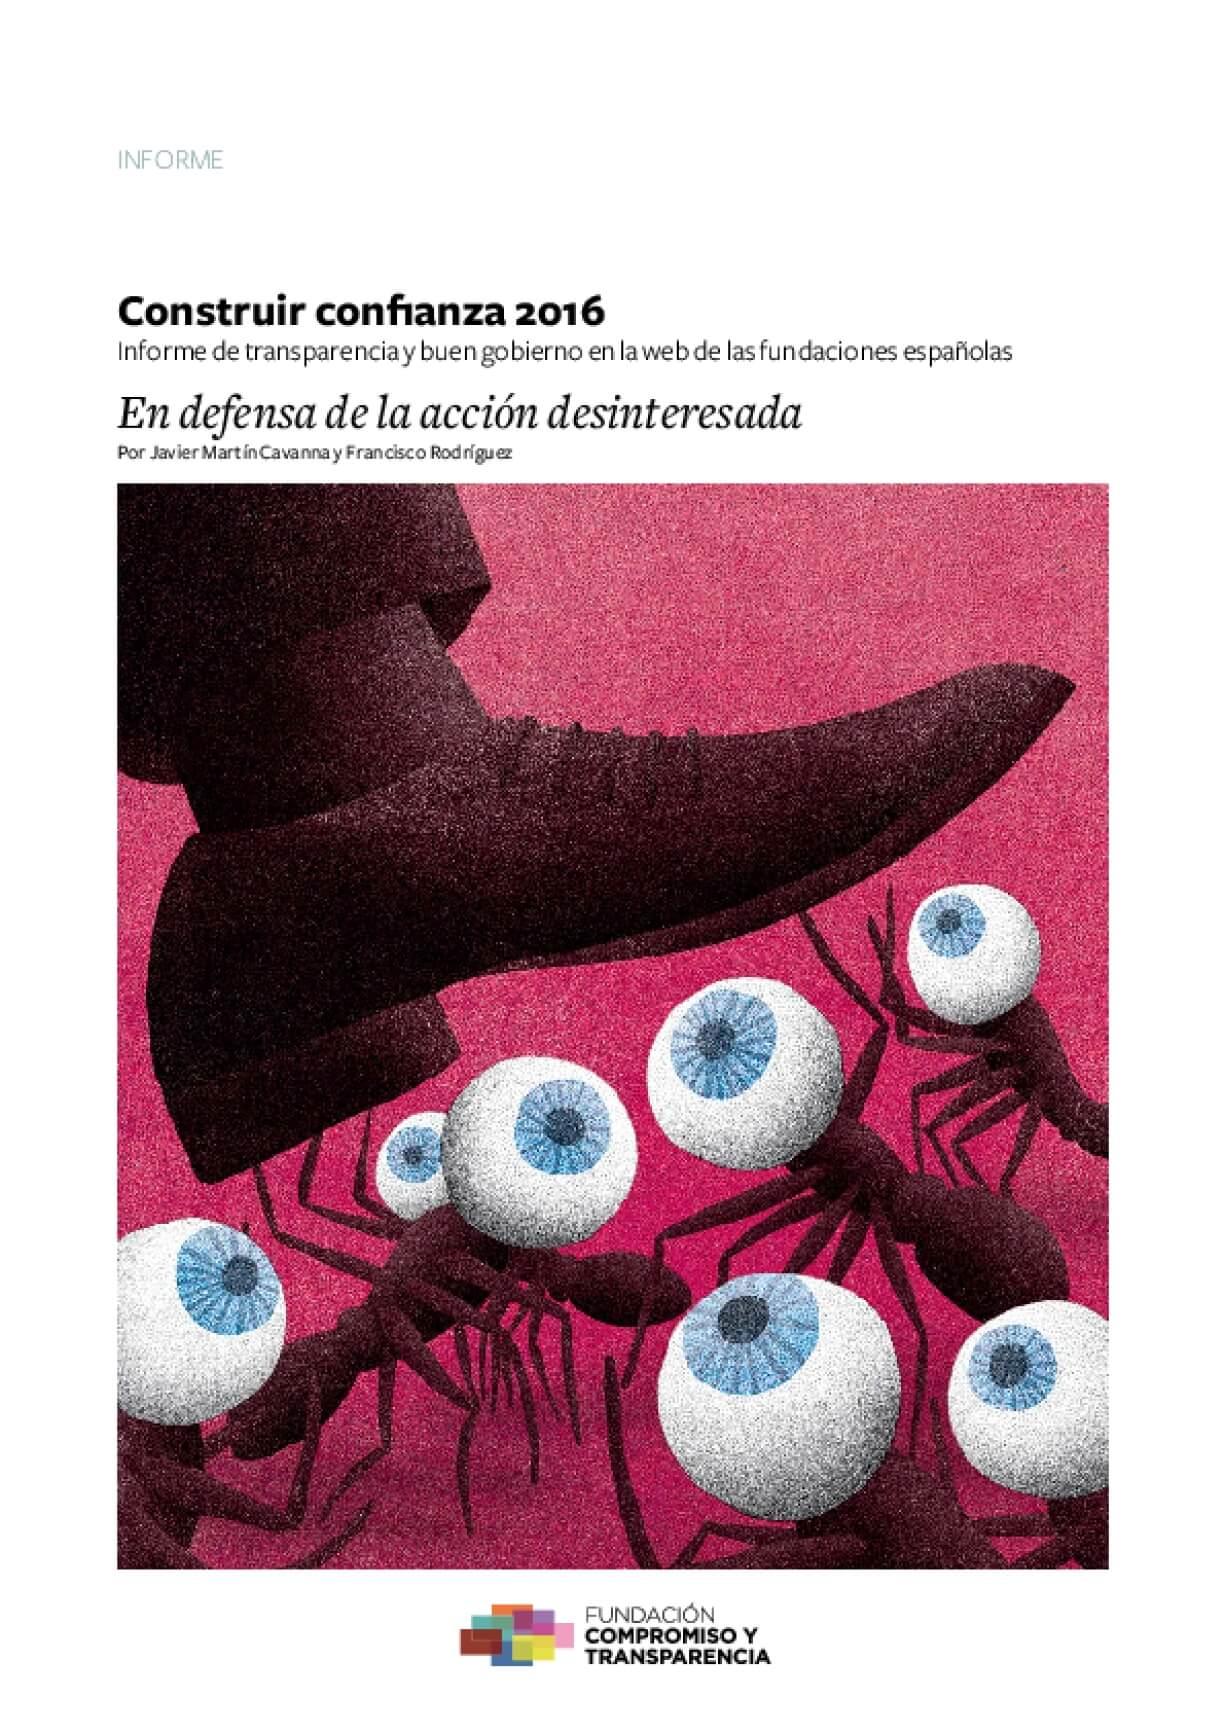 Construir confianza 2016: informe de transparencia y buen gobierno en la web de las fundaciones españolas